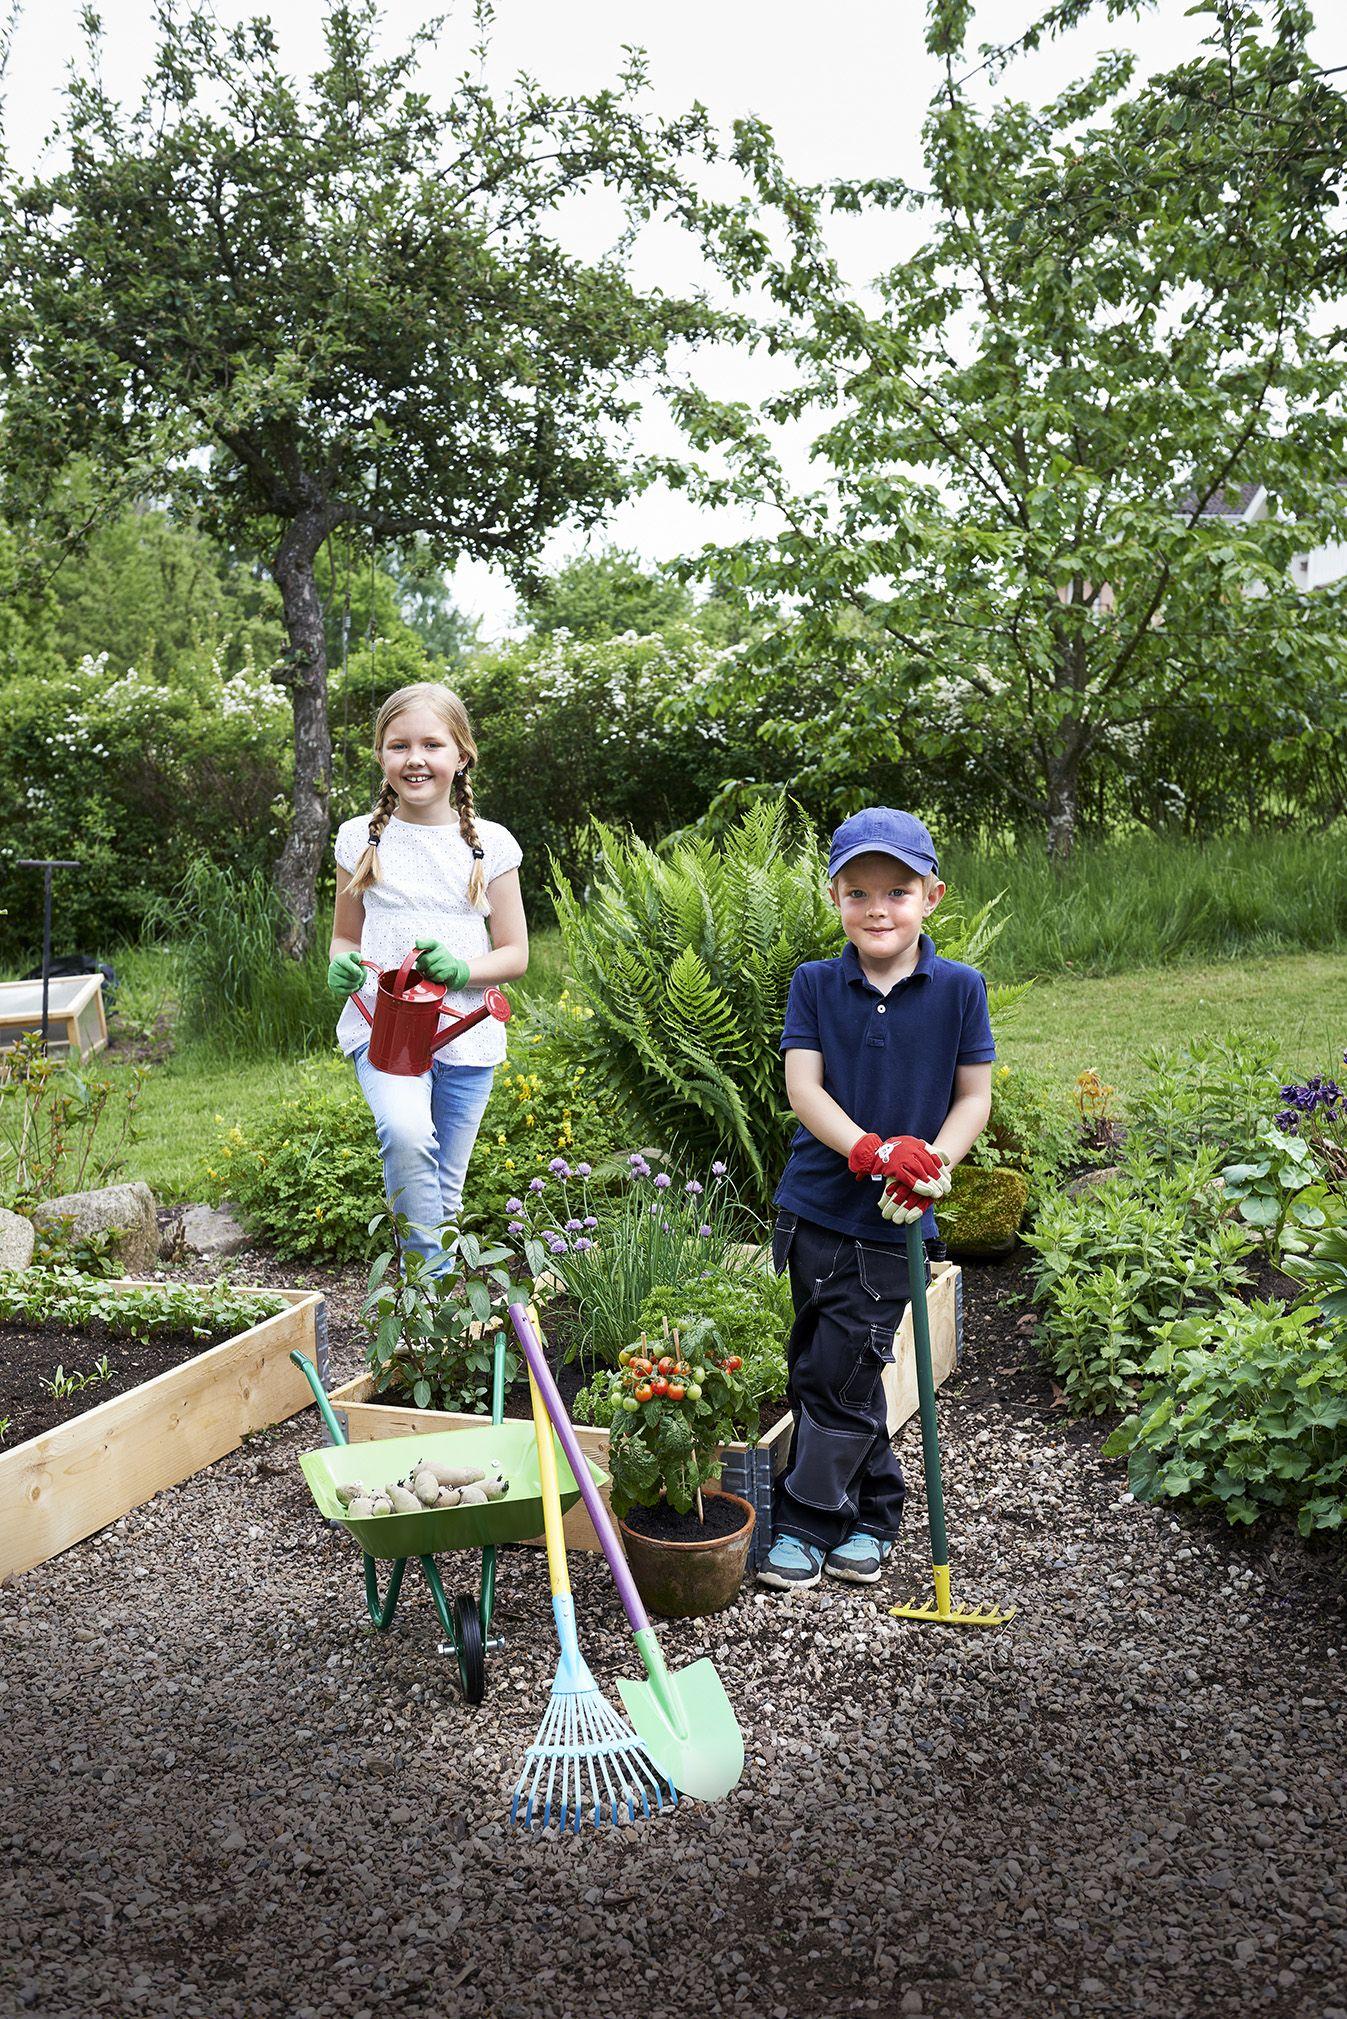 Ota lapset mukaan puutarhanhoitamiseen! Omilla, oikeankokoisilla välineillä työt sujuvat helposti.